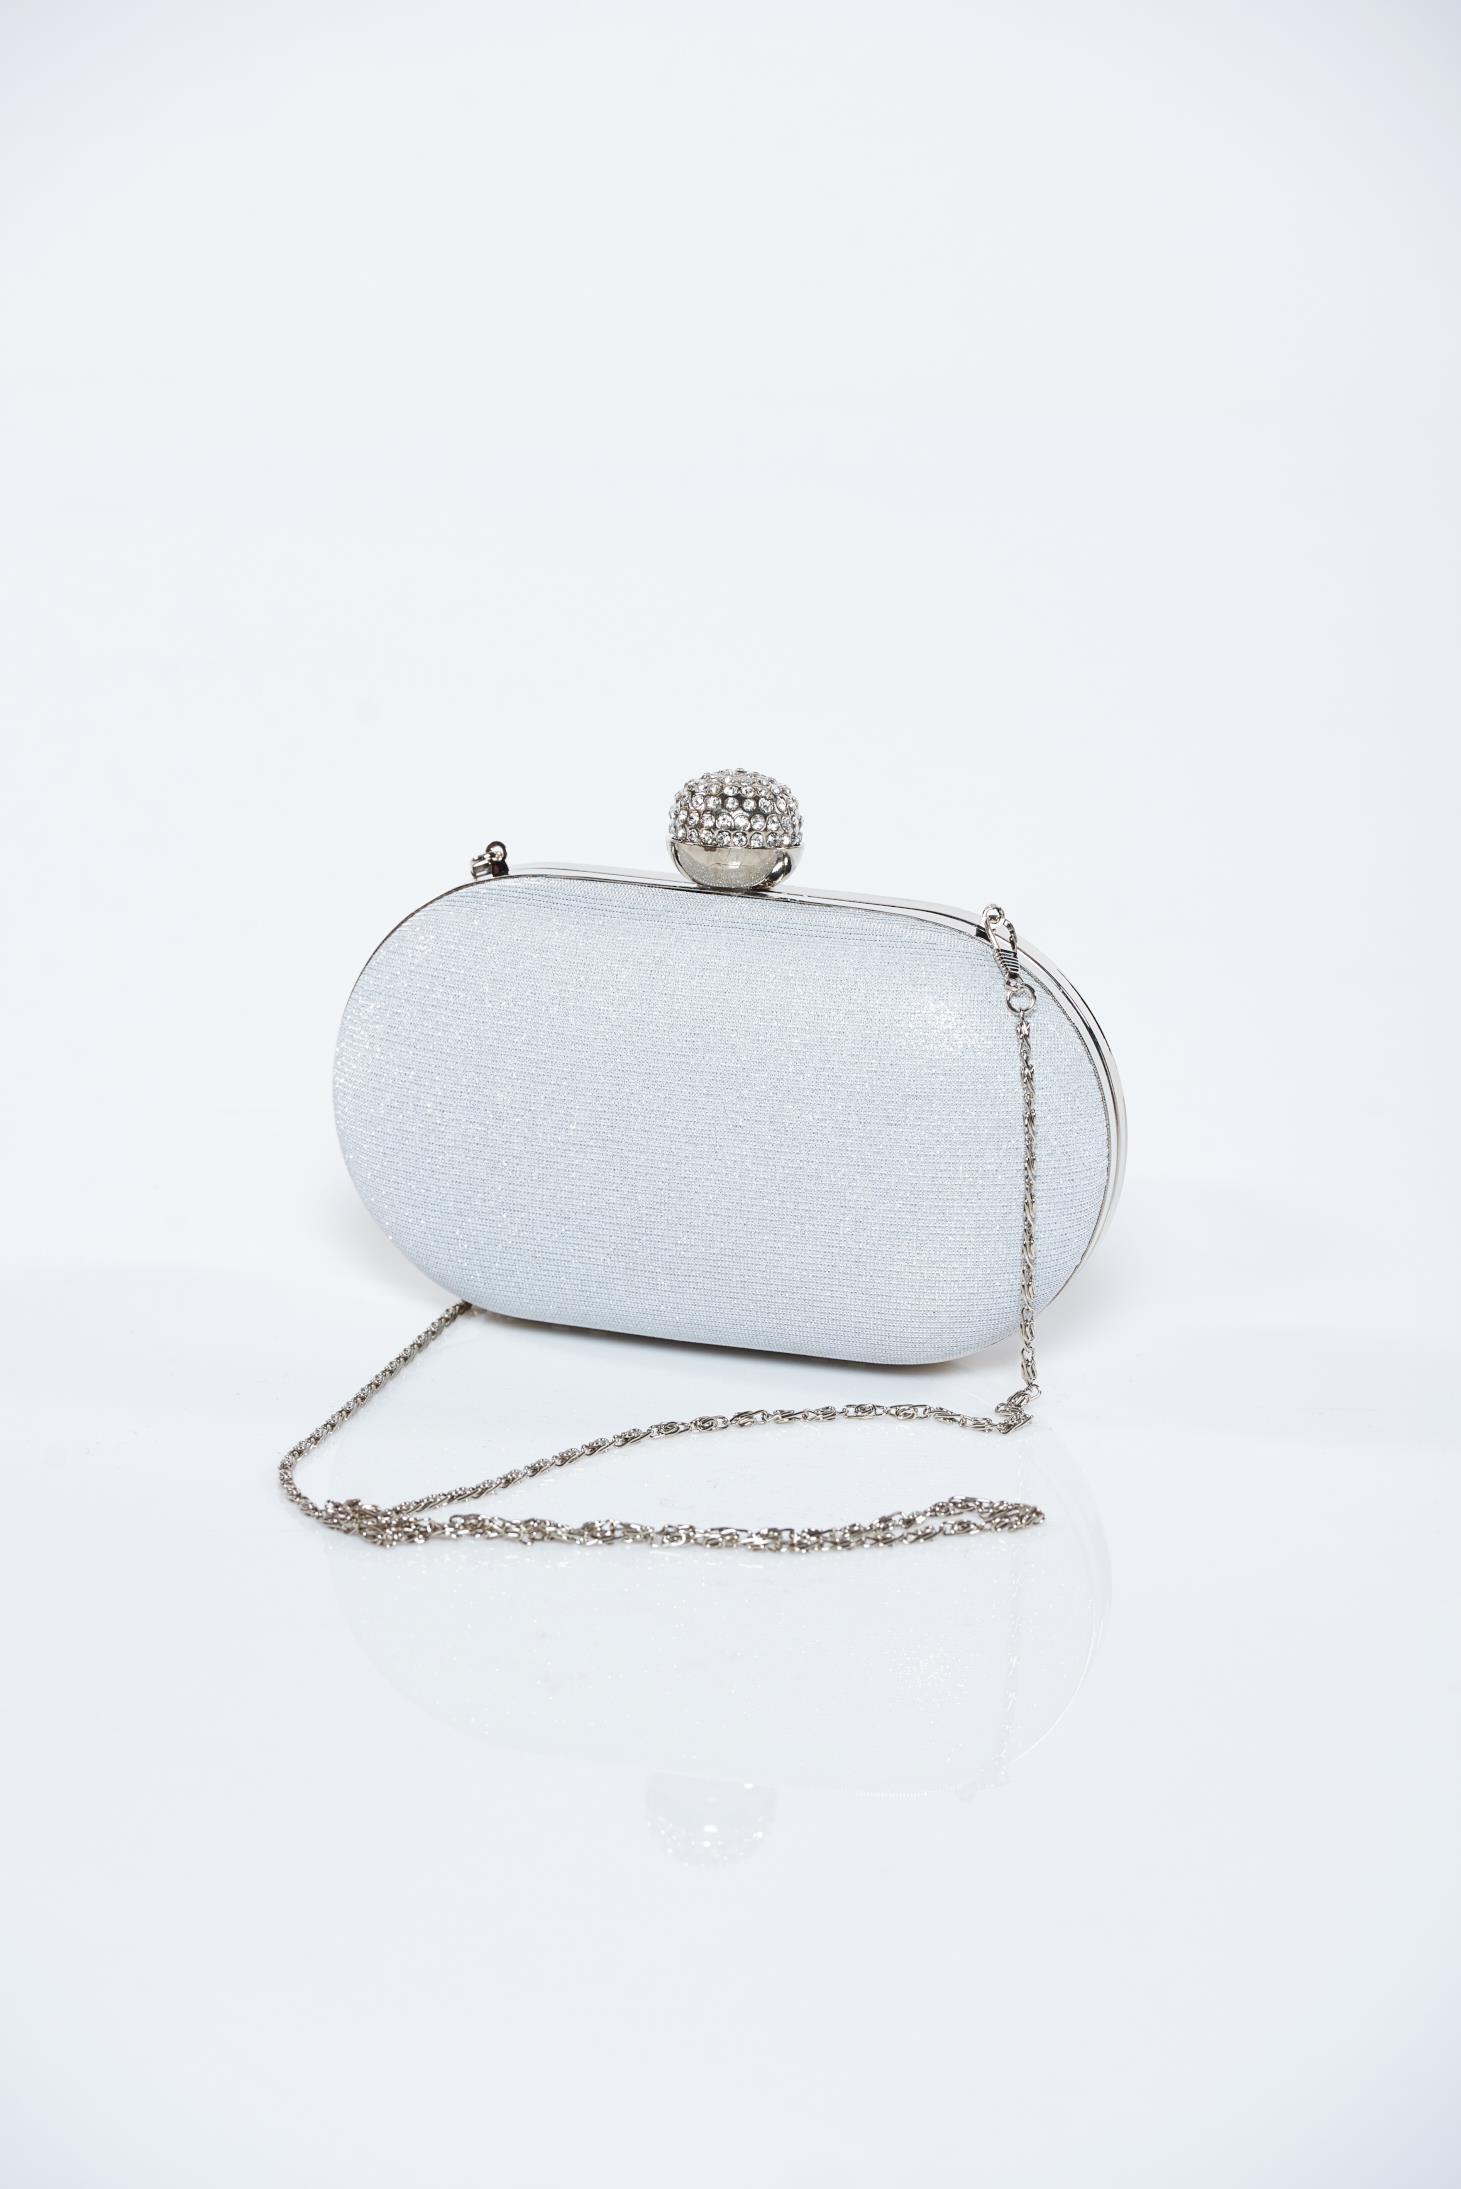 9e2b54db8b8e Ezüst táska fémes kiegészítő csillogó díszítések